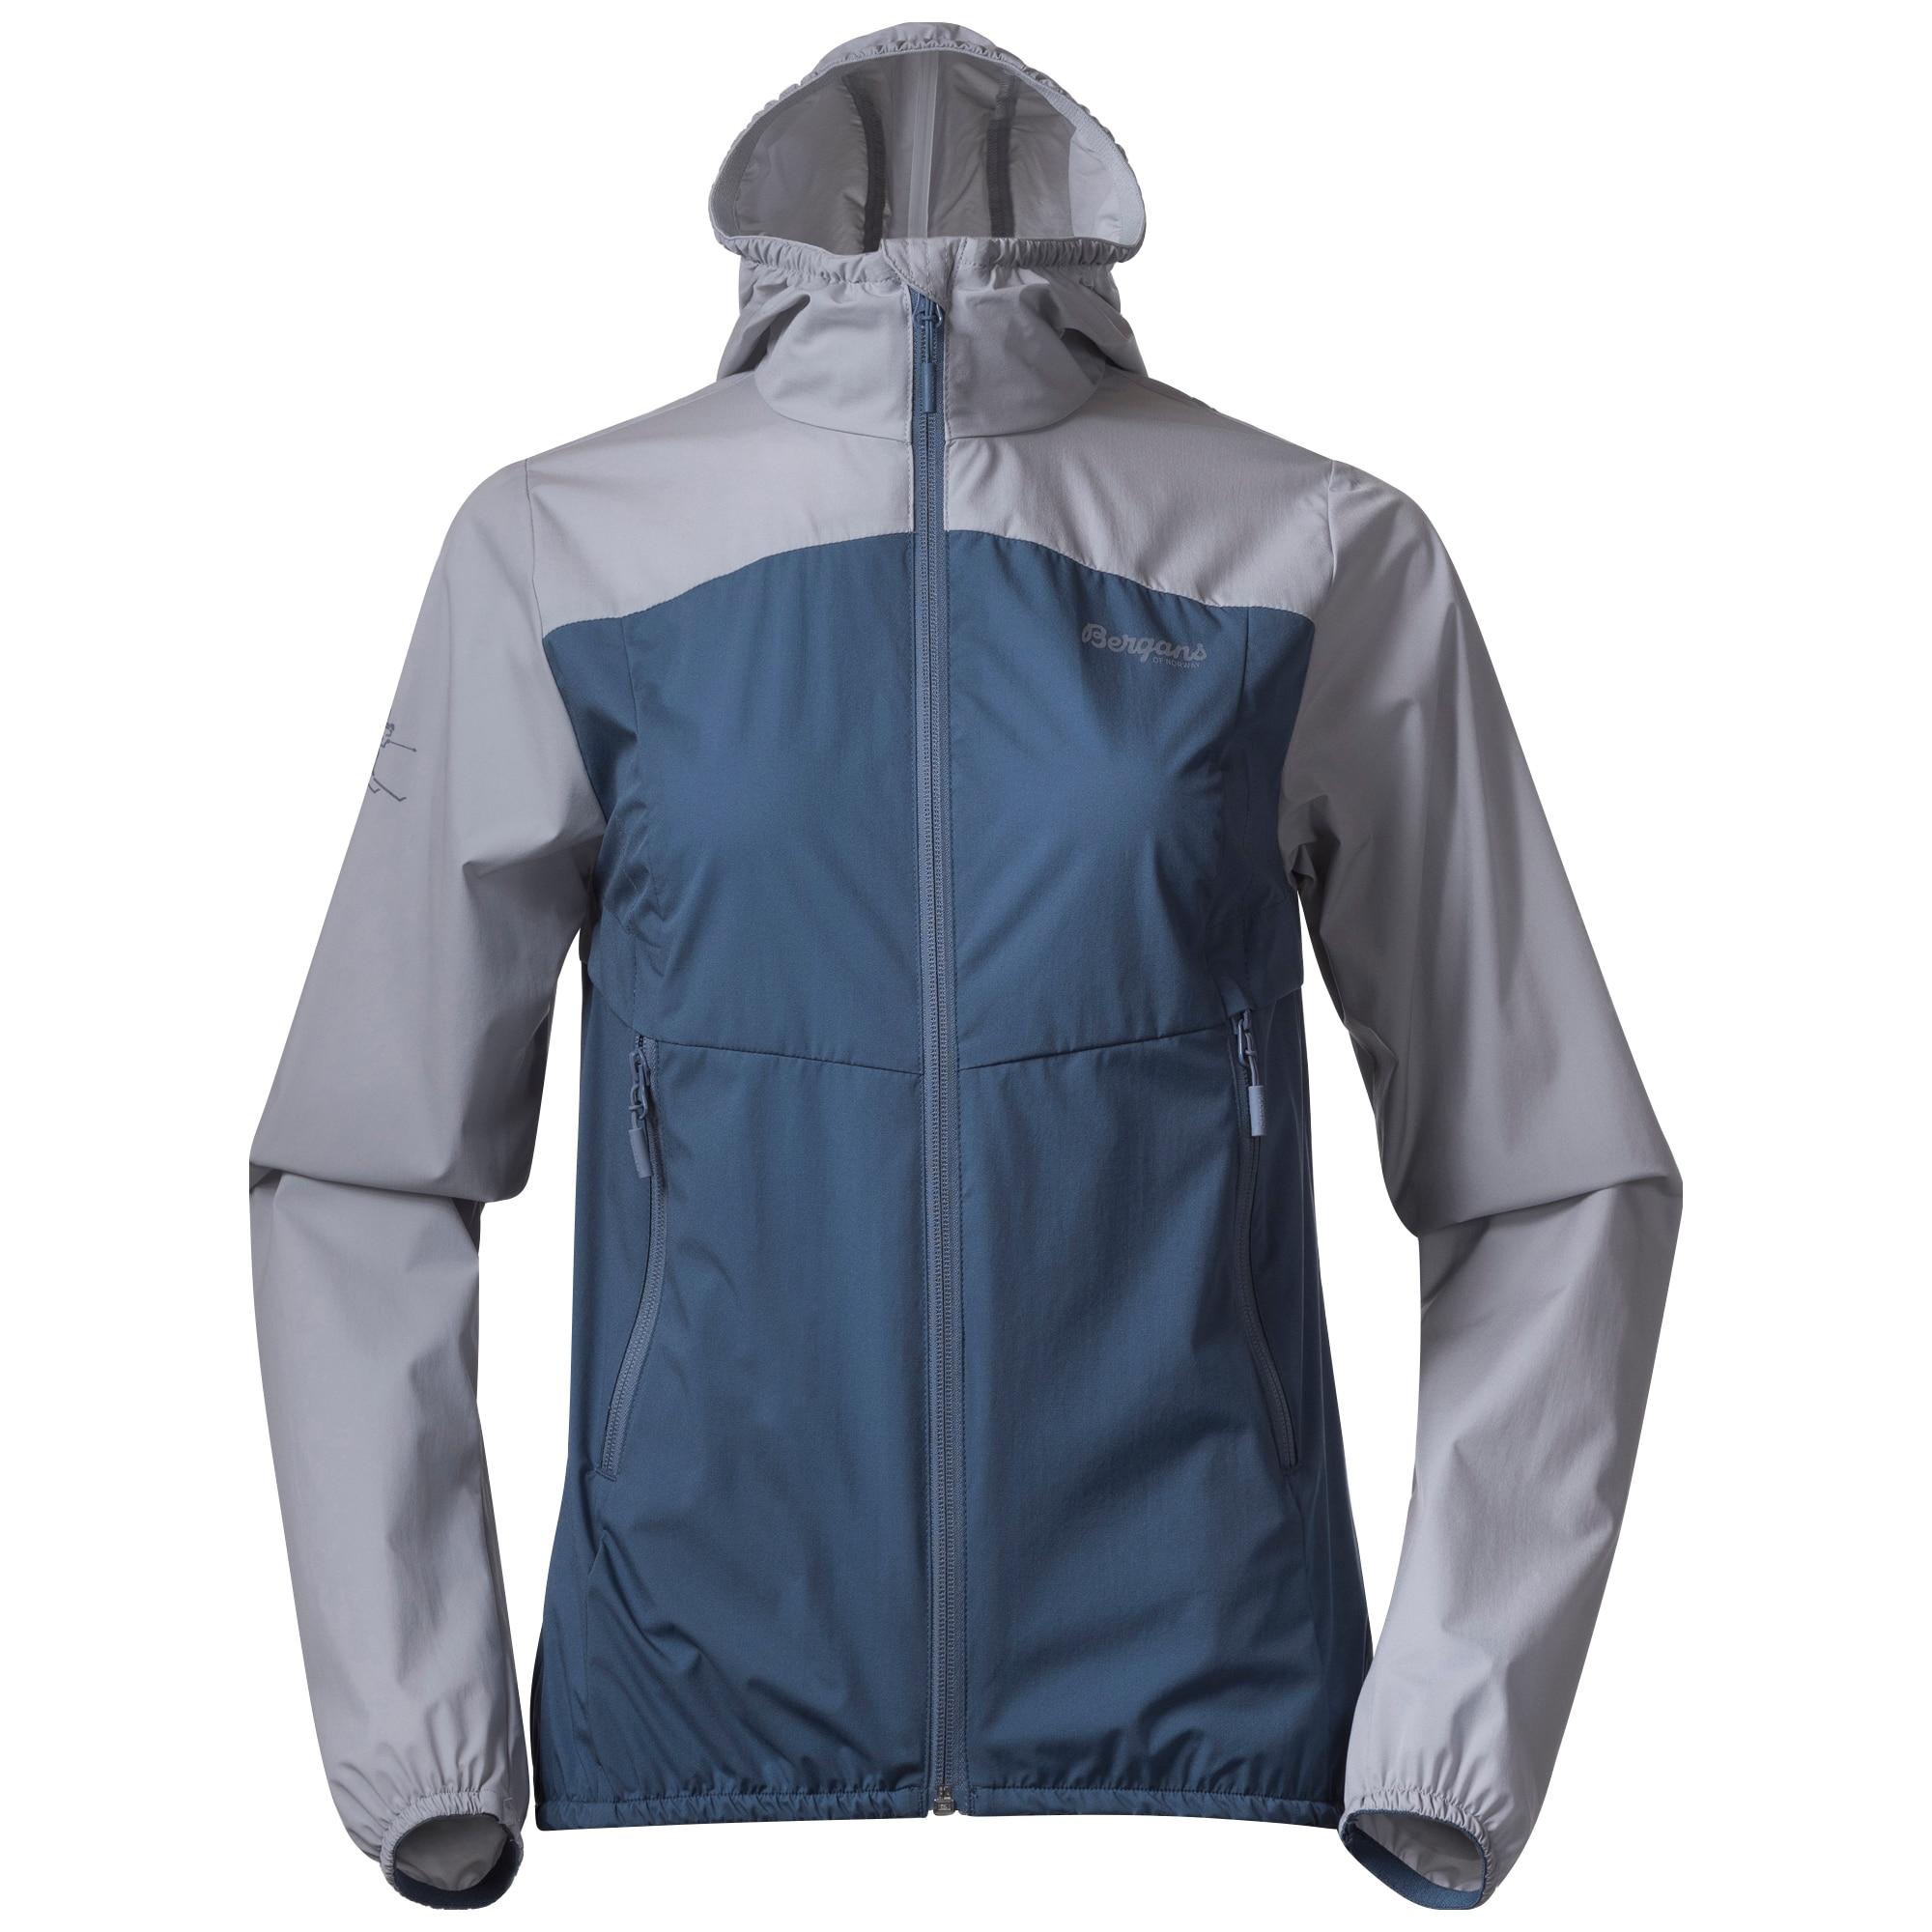 Romsdal Microlight W Jacket